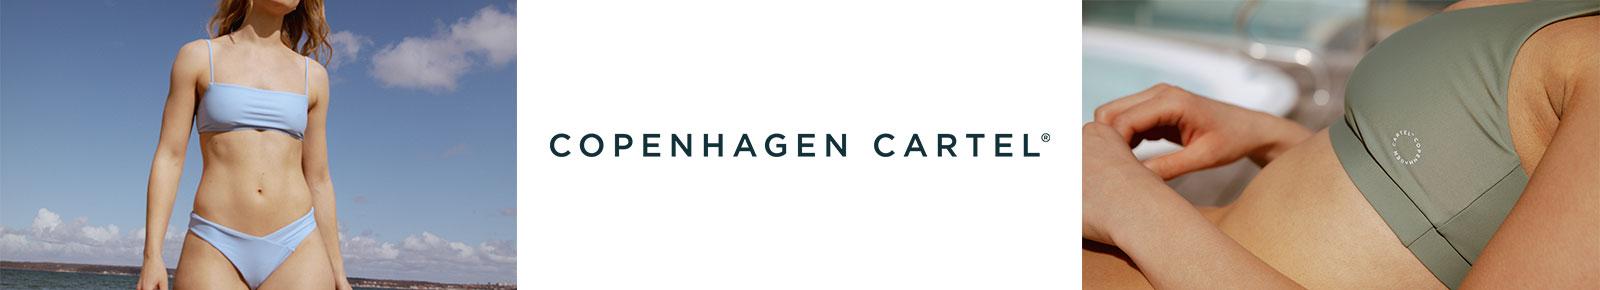 Copenhagen Cartel